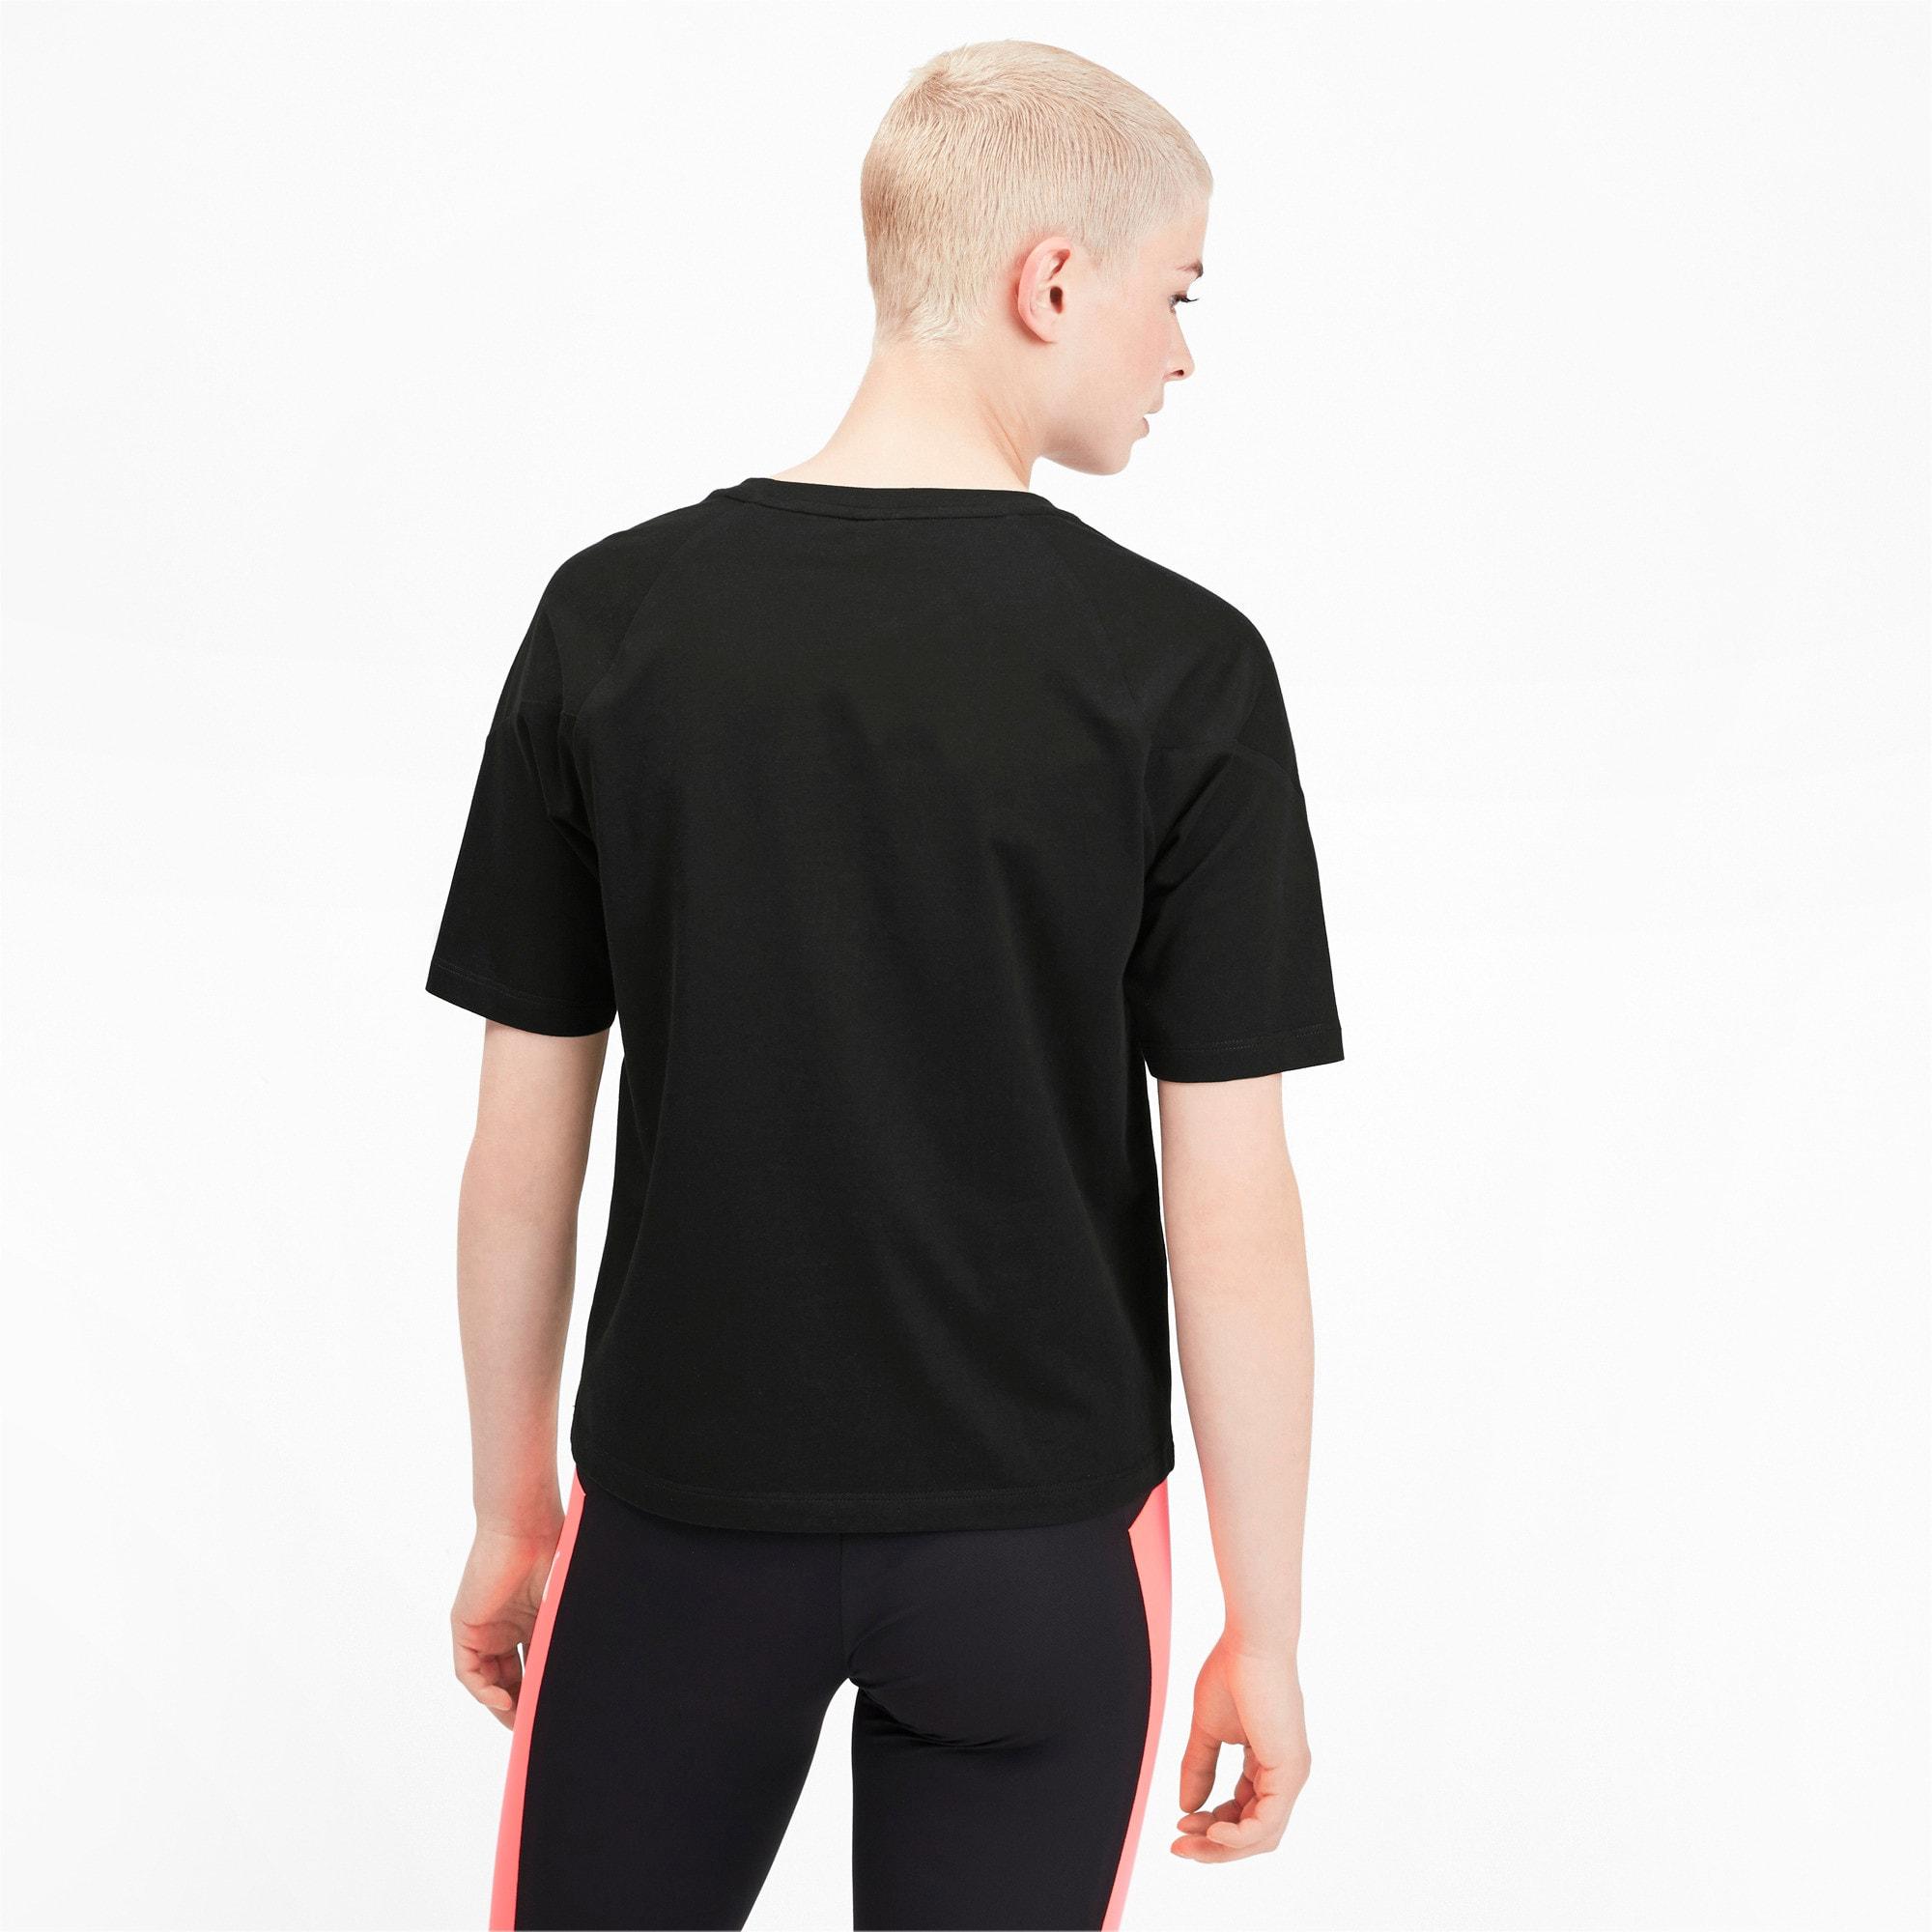 Miniatura 2 de Camiseta PUMA XTG en colores combinados para mujer, Puma Black, mediano